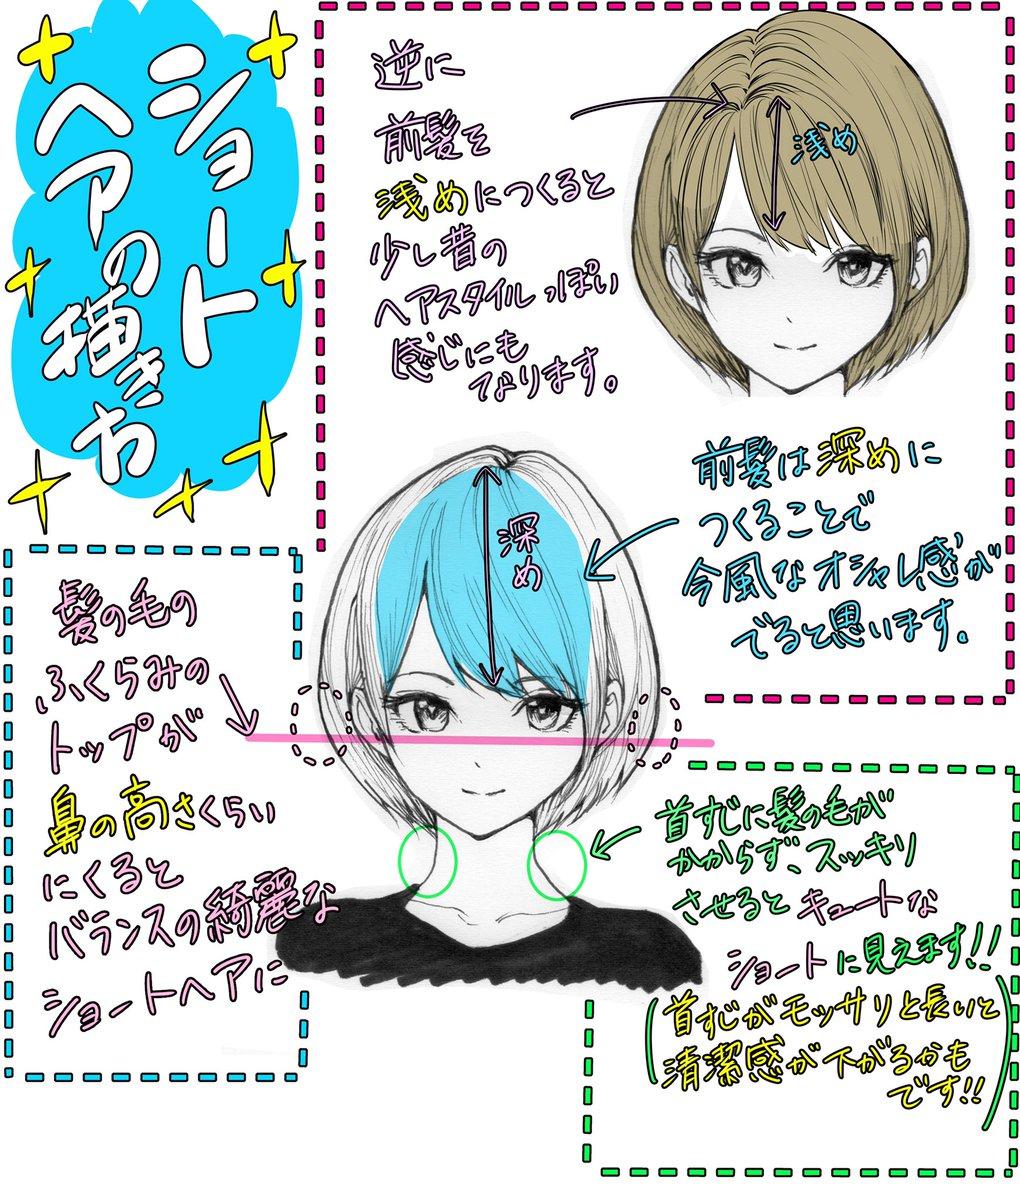 【ショートヘアの描き方】前髪のバランスとシルエットが✨上達しやすいプチコツ講座✨